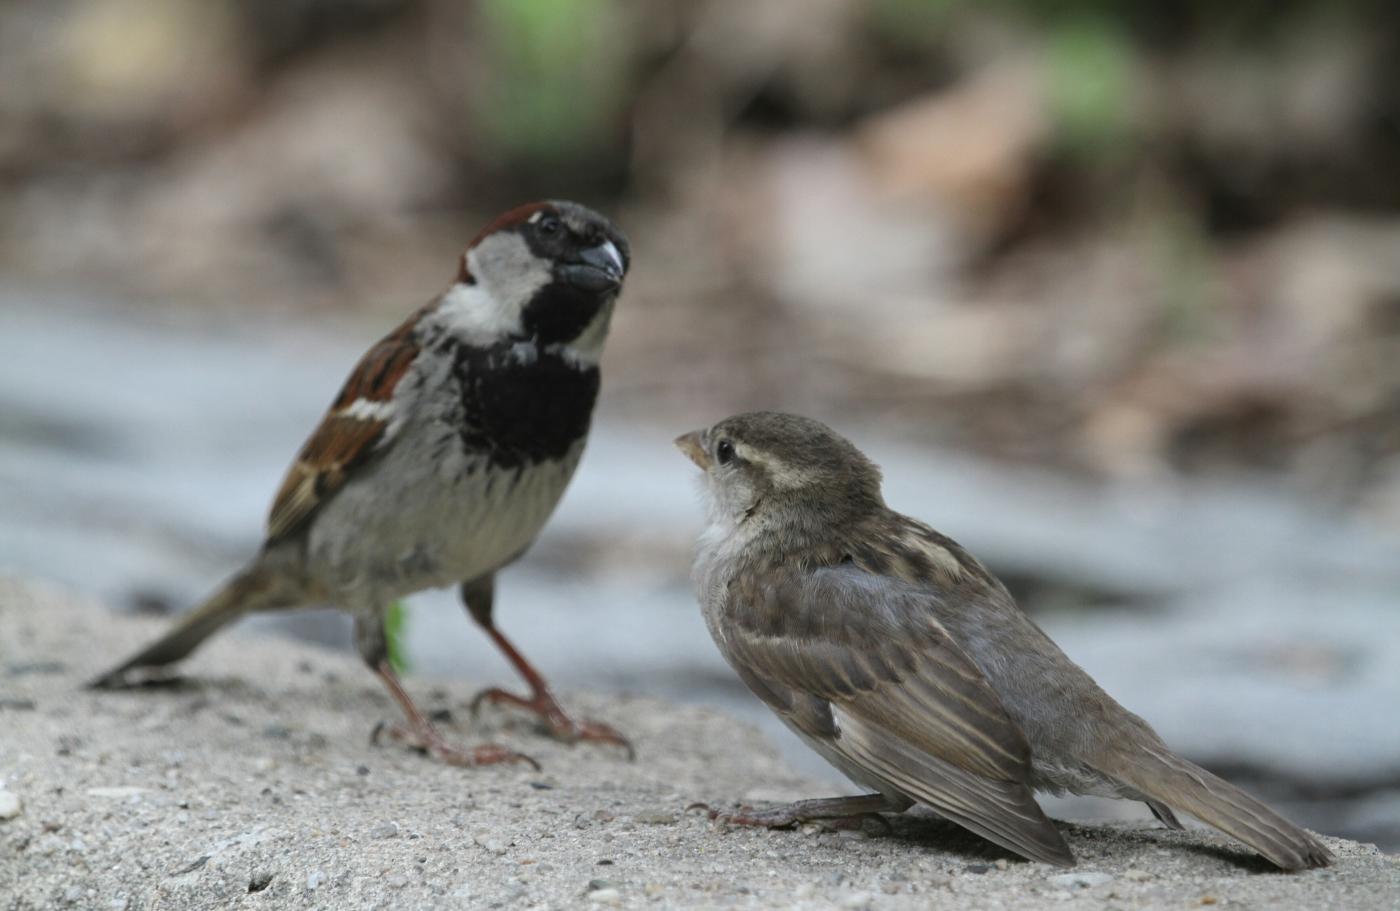 【田螺摄影】在公园拍麻雀喂养_图1-18